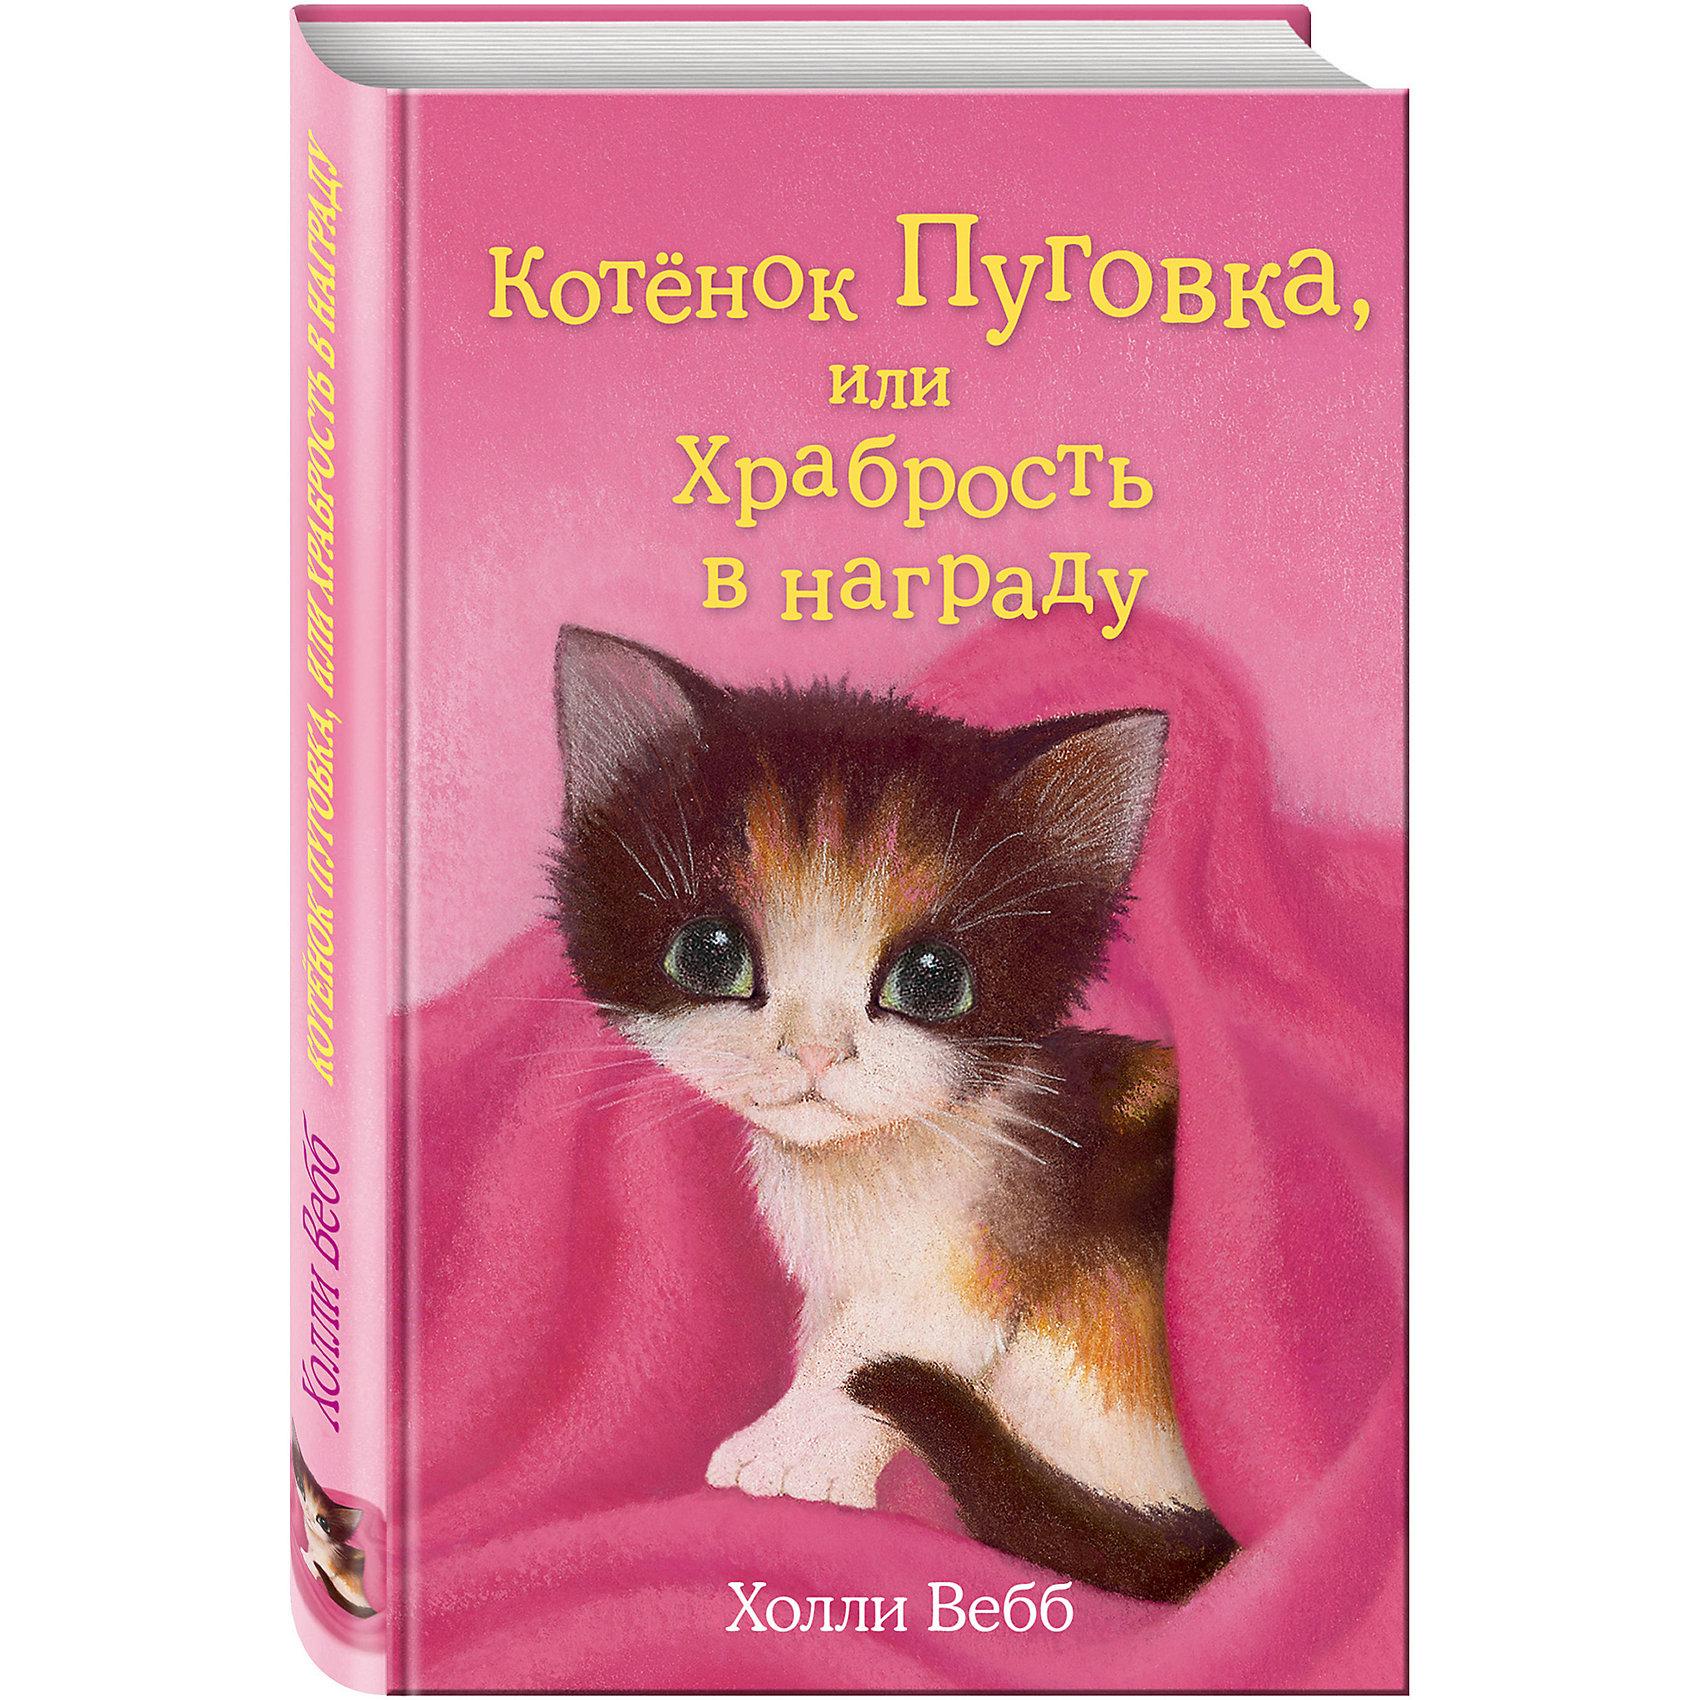 Котёнок Пуговка, или Храбрость в наградуЗарубежные сказки<br>Родители девочки Мэдди преподнесли ей перед каникулами сюрприз – котёнка! Прелестную трёхцветную кошечку назвали Пуговкой. Но оказалось, что сад при доме Мэдди считают своей собственностью два больших соседских кота. Постепенно коты совсем запугали бедную Пуговку. Стеснительной Мэдди пришлось вмешаться – но хозяин котов не захотел с ней разговаривать, и его питомцы продолжили безобразничать в чужом саду. А потом Пуговка и вовсе пропала. Мэдди тут же бросилась на поиски. Только для того, чтобы найти котёнка, ей надо преодолеть свою застенчивость и попросить о помощи…<br><br>Дополнительная информация:<br><br>- Автор: Вебб Холли.<br>- Художник: Вильямс Софи.<br>- Переводчик: Олейникова Е. В.<br>- Формат: 20,8х13,3 см.<br>- Переплет: твердый.<br>- Количество страниц: 144. <br>- Иллюстрации: черно-белые.<br><br>Книгу Котёнок Пуговка, или Храбрость в награду можно купить в нашем магазине.<br><br>Ширина мм: 200<br>Глубина мм: 125<br>Высота мм: 13<br>Вес г: 258<br>Возраст от месяцев: 72<br>Возраст до месяцев: 84<br>Пол: Унисекс<br>Возраст: Детский<br>SKU: 4414986